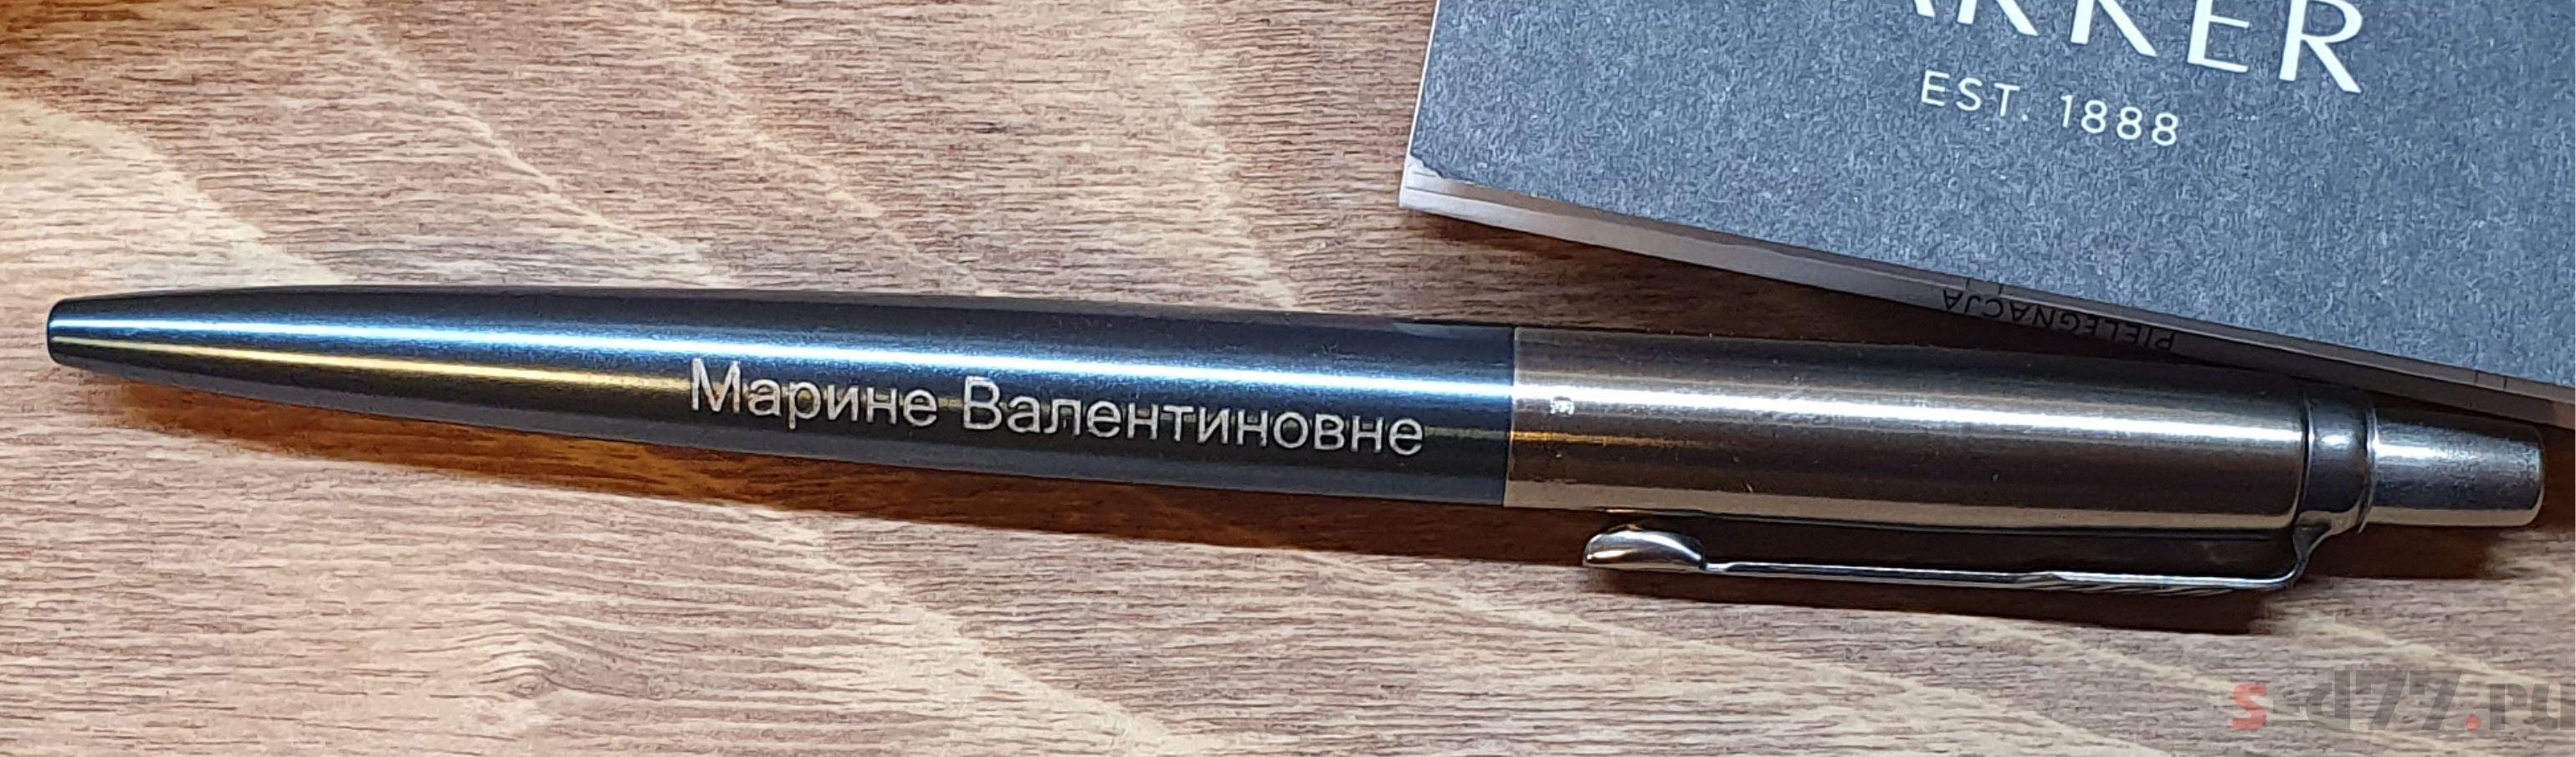 Высококачественная лазерная гравировка на ручках Паркер Щербинка, Бутово, Подольск